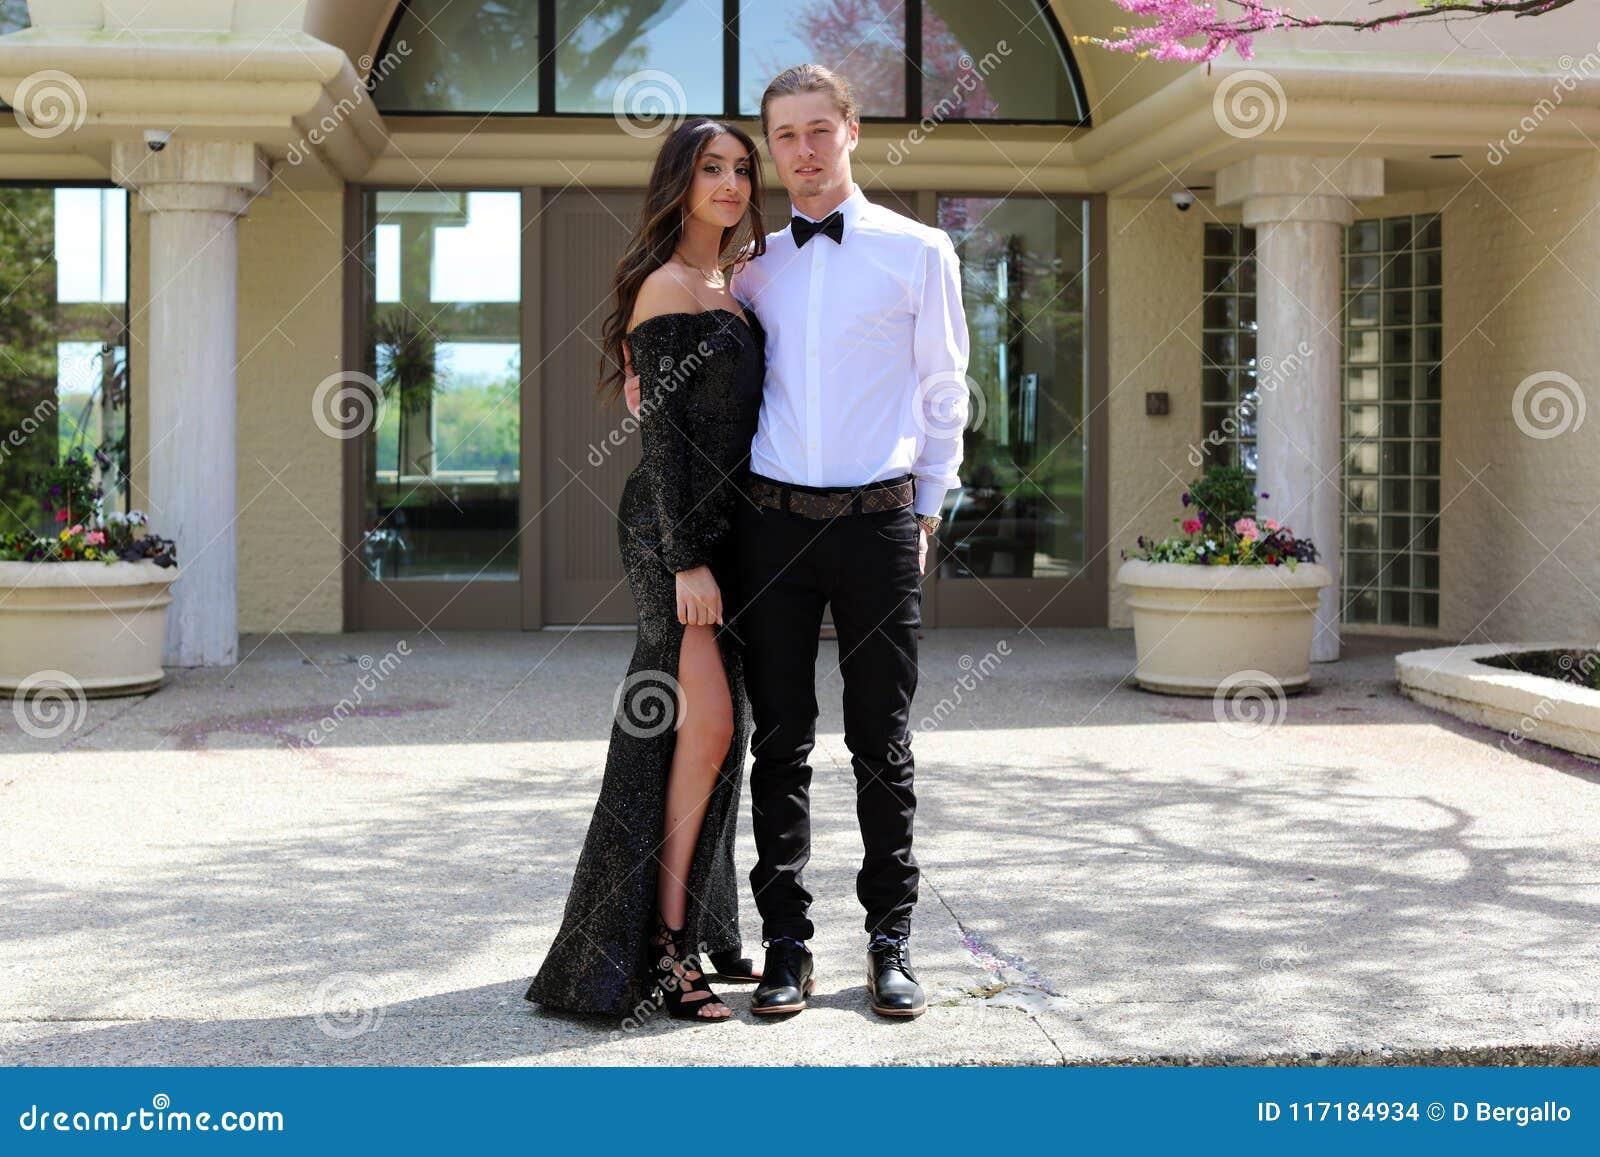 Η όμορφη γυναίκα στην πλάτη prom ντύνει και όμορφος τύπος στο κοστούμι, προκλητικός έφηβος έτοιμος για μια νύχτα πολυτέλειας